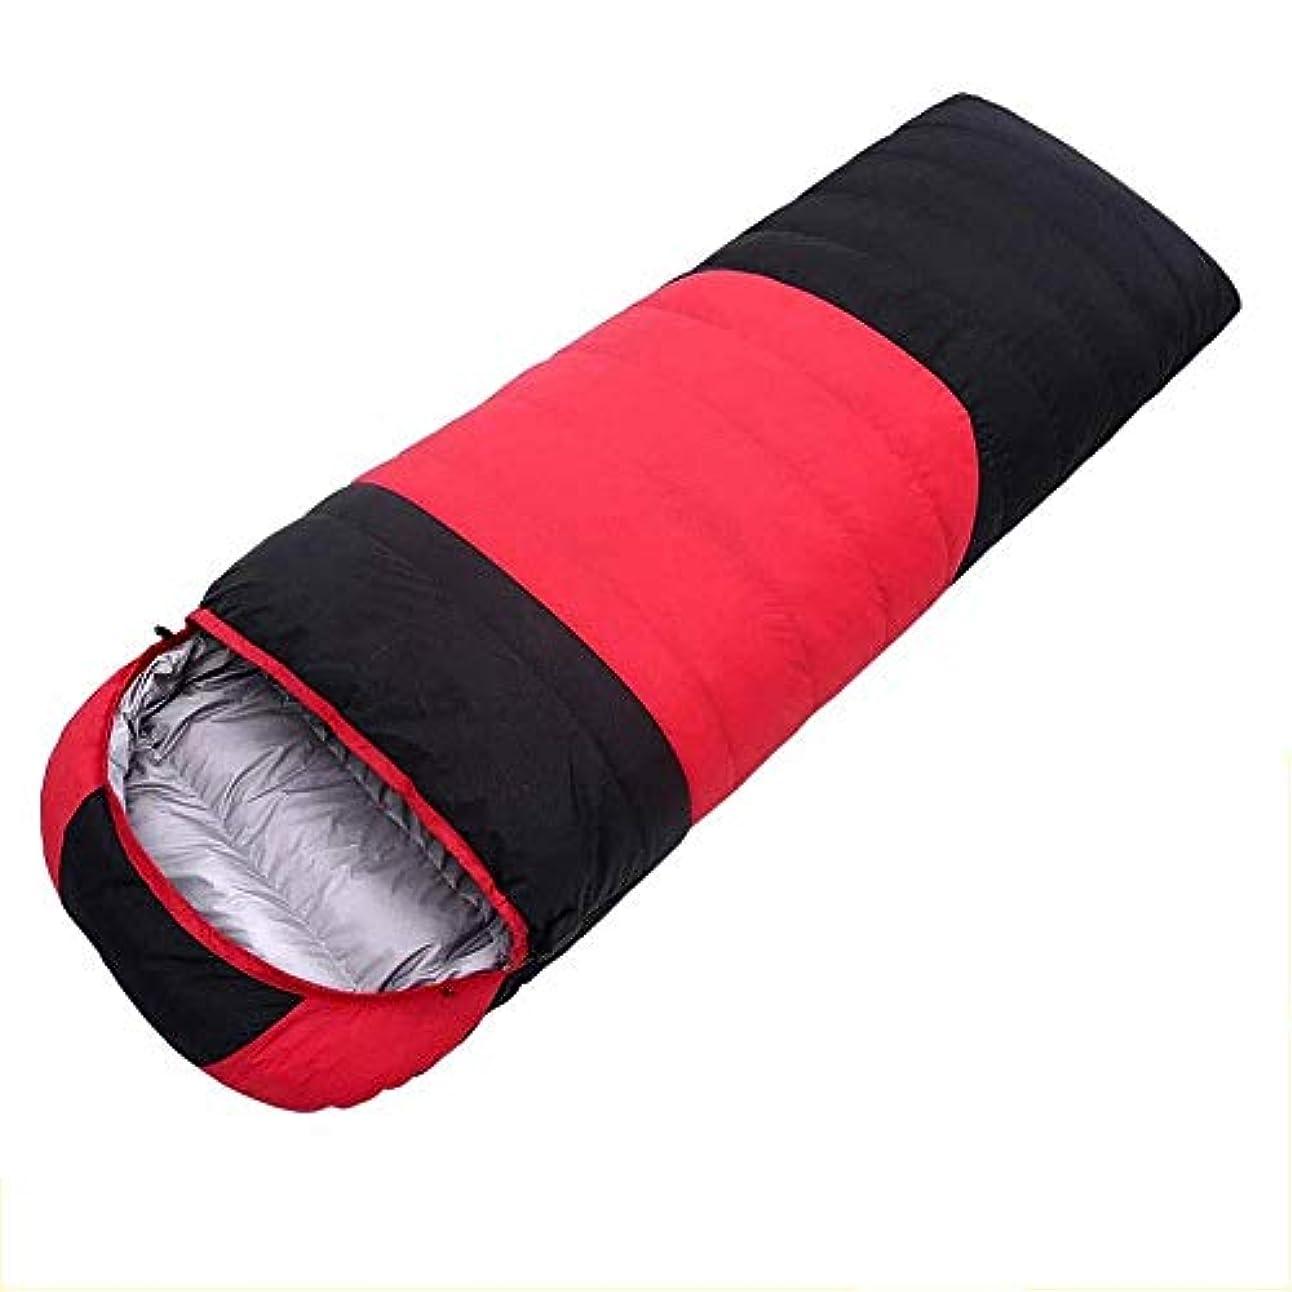 包囲アイザック受信キャンプ用寝袋 - 3シーズン暖かく涼しい大人のための軽量防水、キャンプ用品、旅行、アウトドア